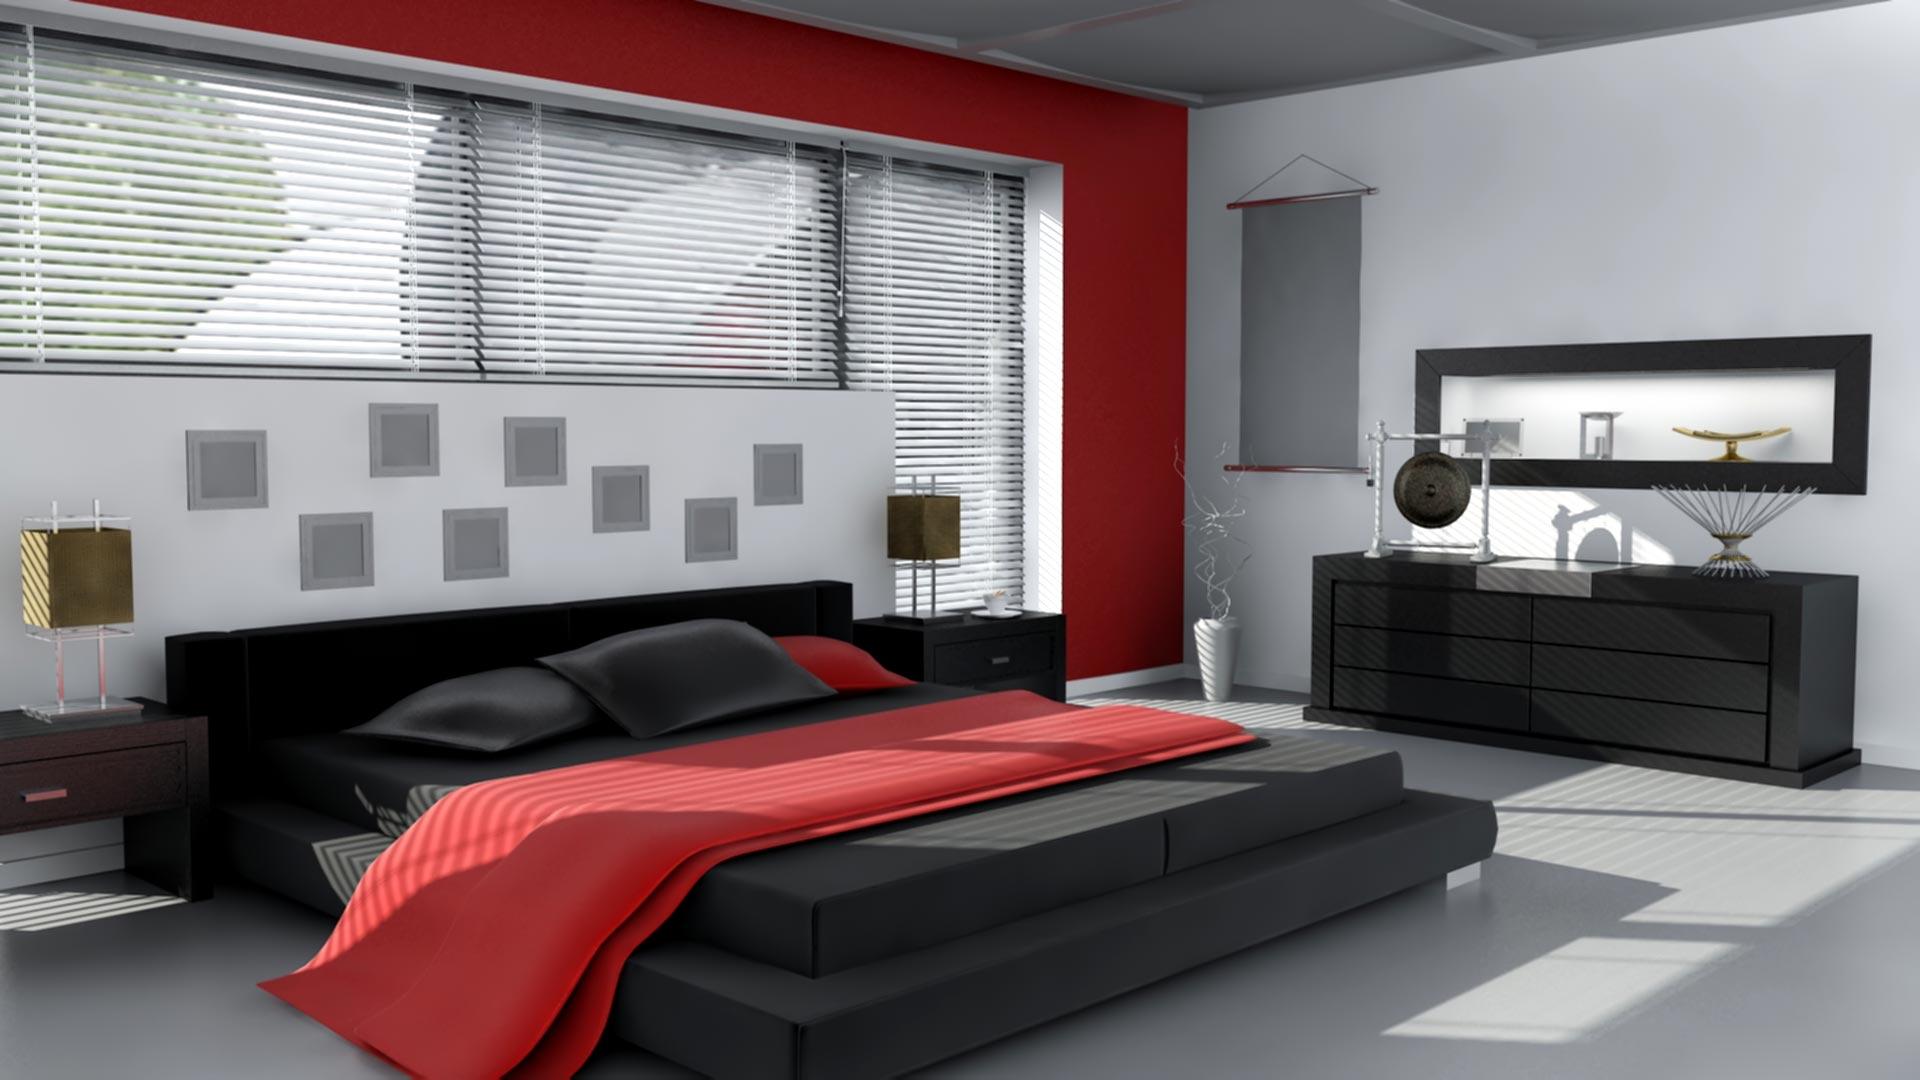 غرف النوم 2020 1 1